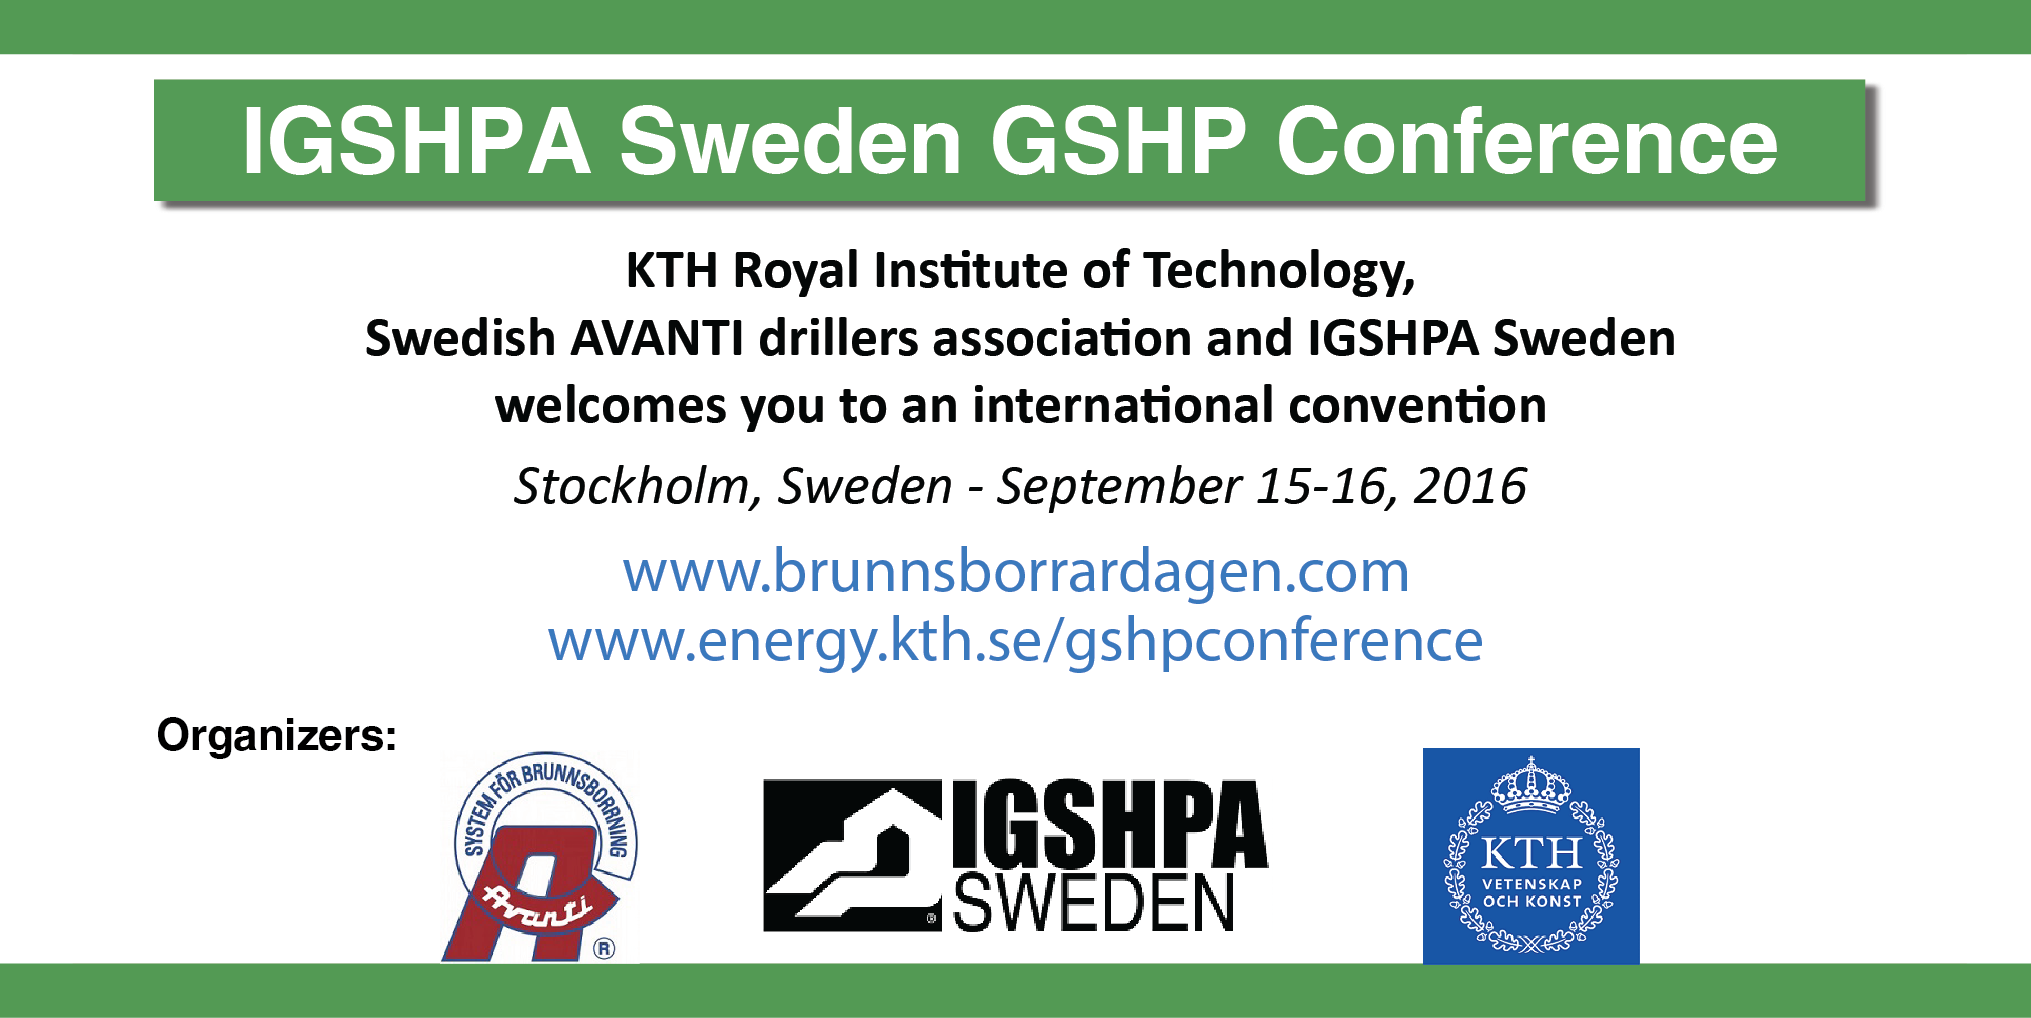 IGSHPA Sweden GSHP Conference